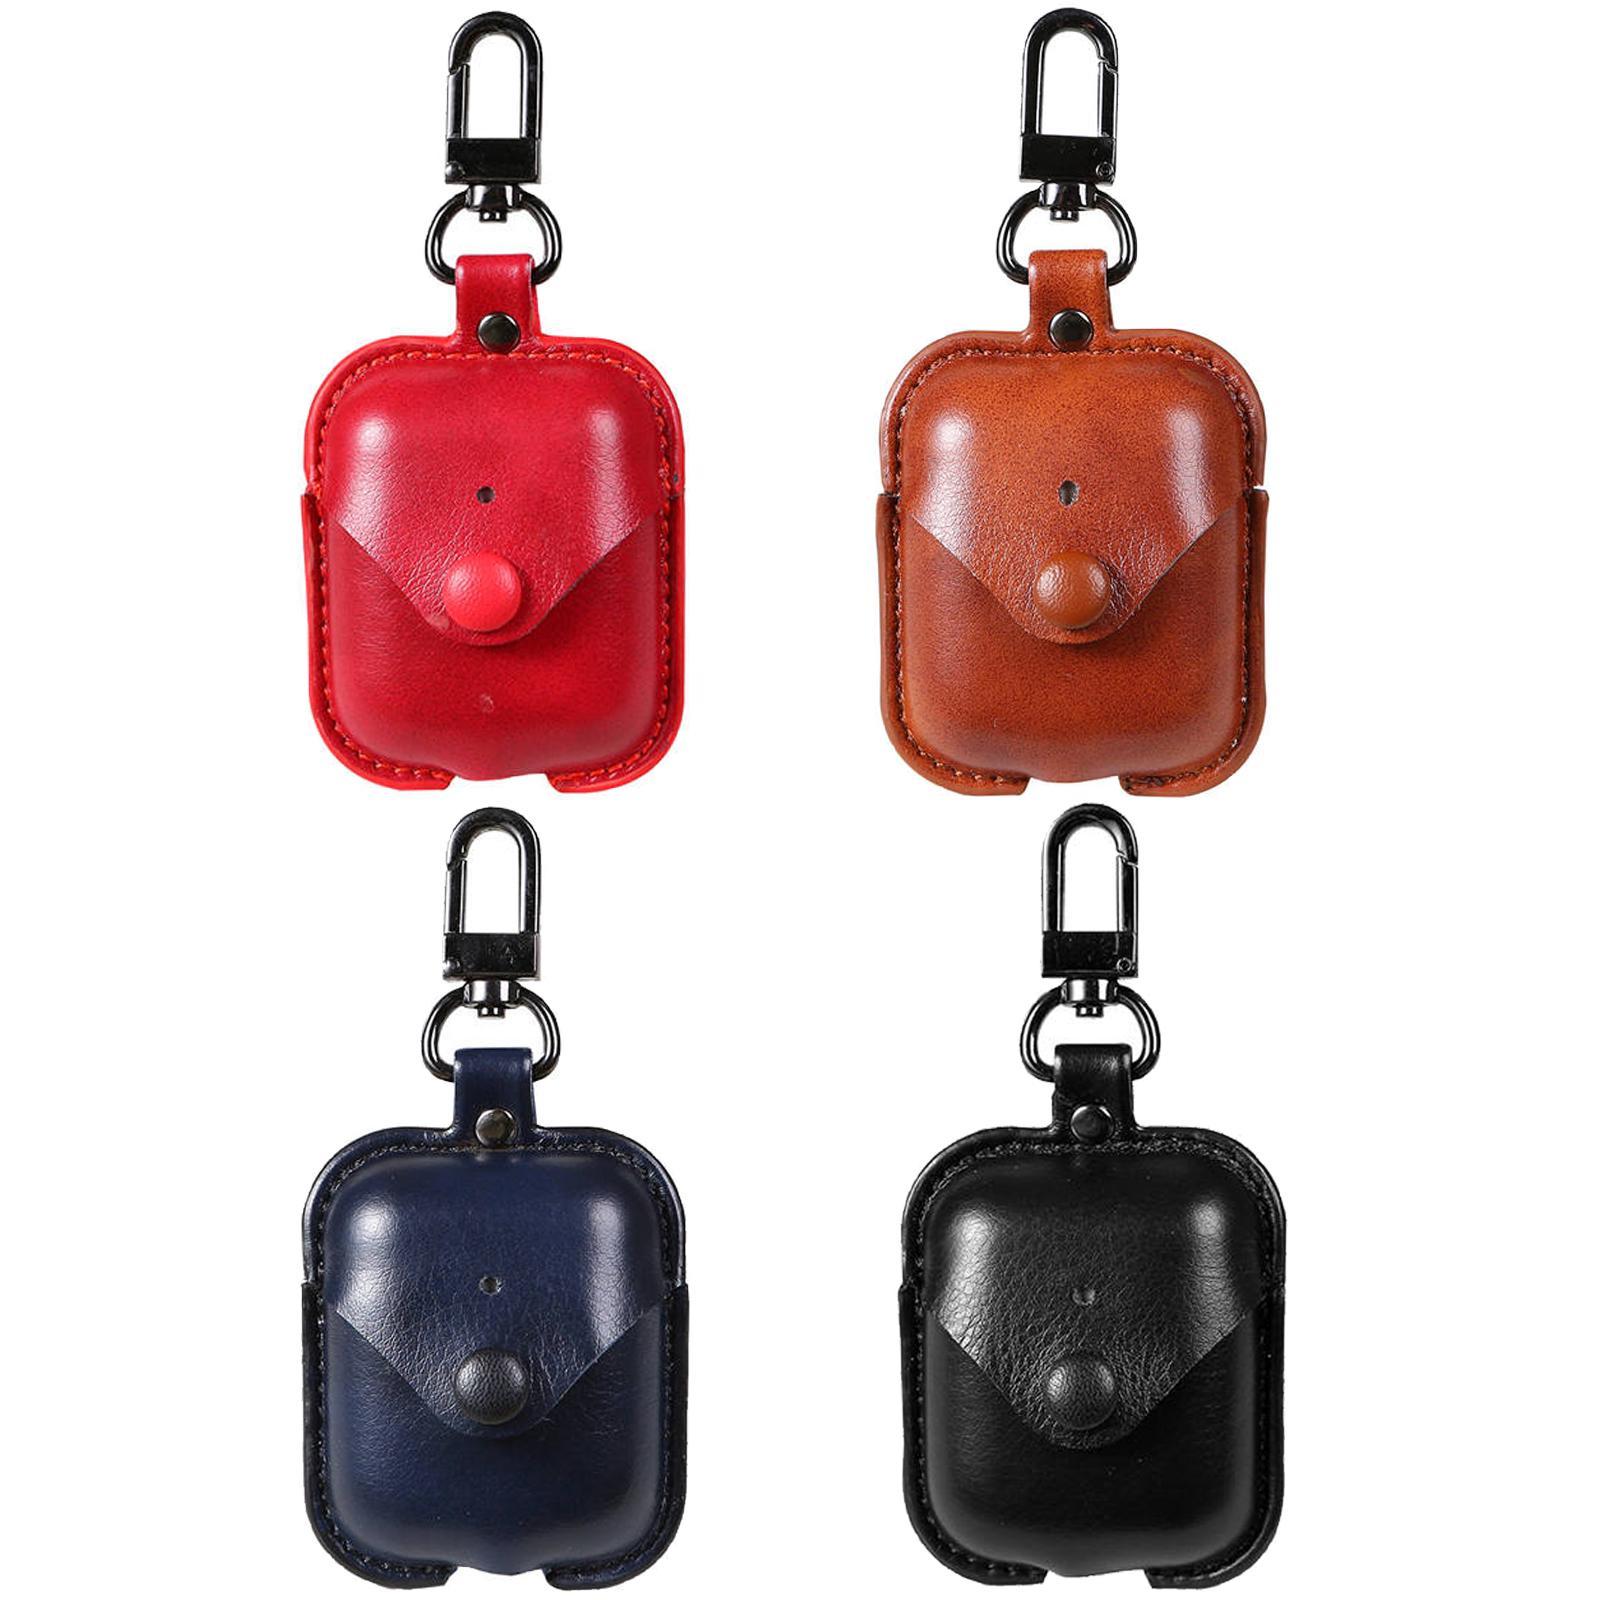 Para iphone airpods casos pu capa de couro fone de ouvido pacote de ar pods protetor com gancho fecho keychain anti perdeu caso do fone de ouvido acessórios